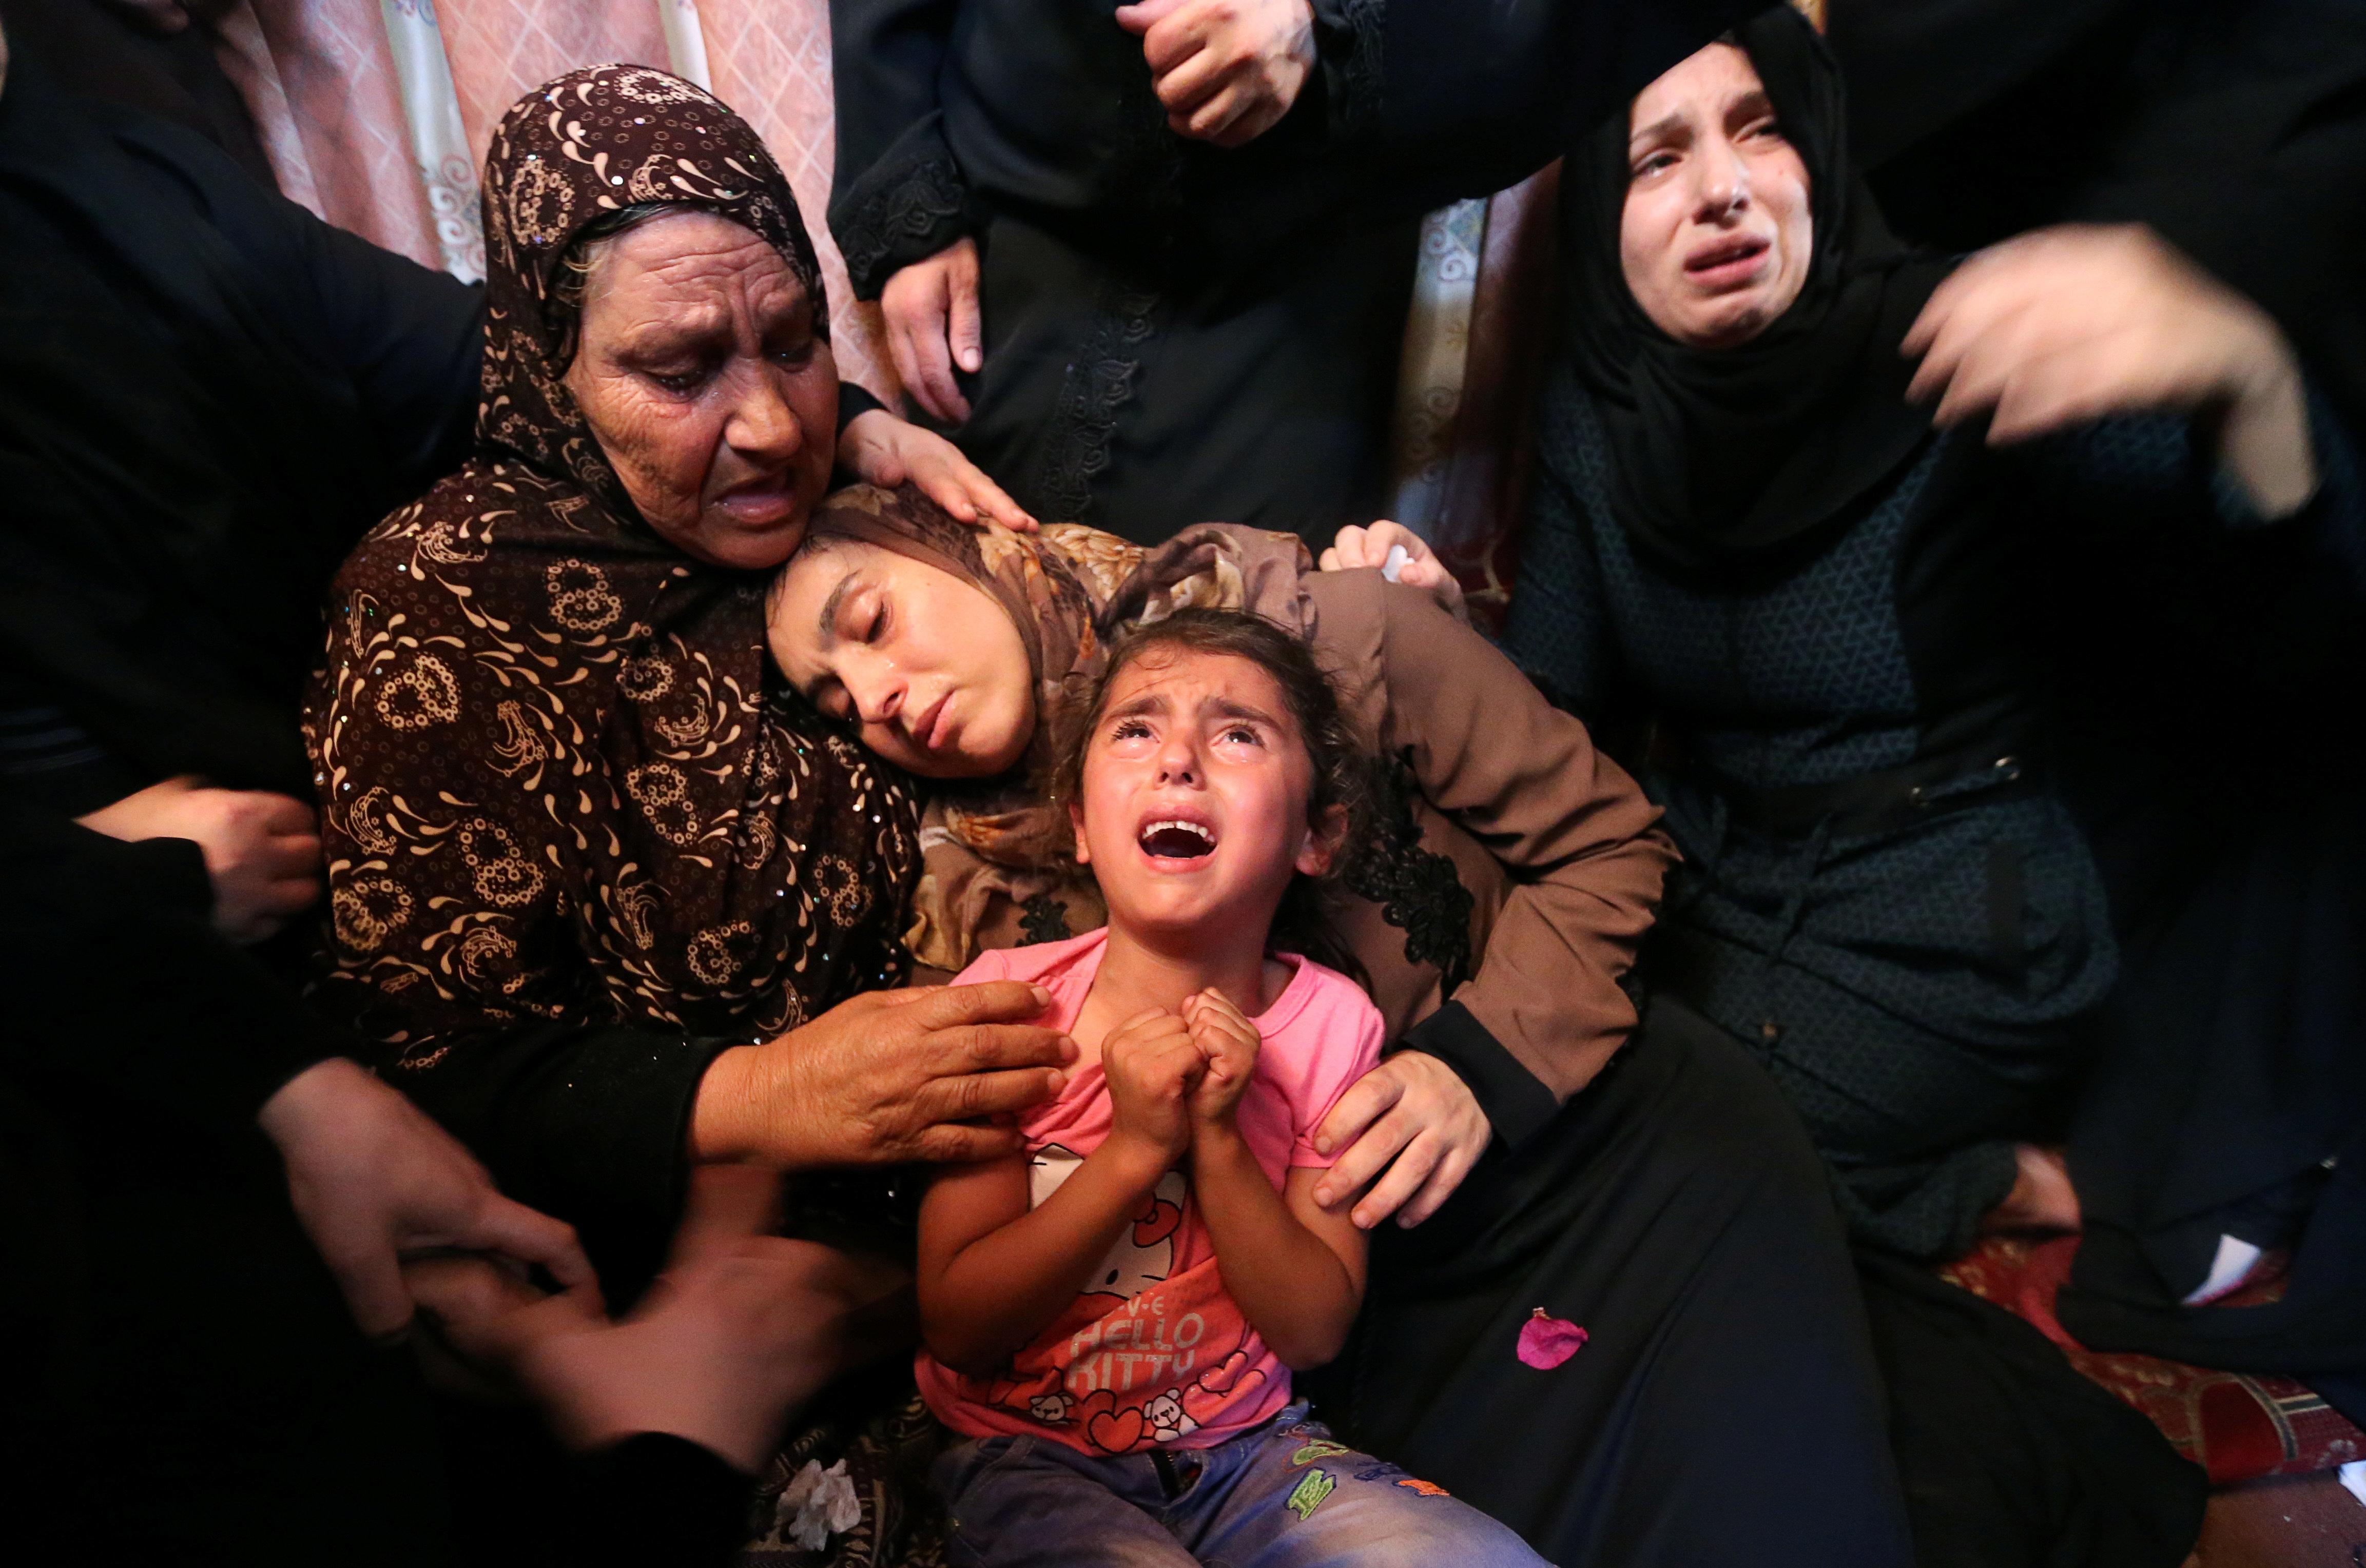 Σχέδιο ψηφίσματος στην ΓΣ του ΟΗΕ που καταδικάζει το Ισραήλ για την πρόσφατη αιματοχυσία στη